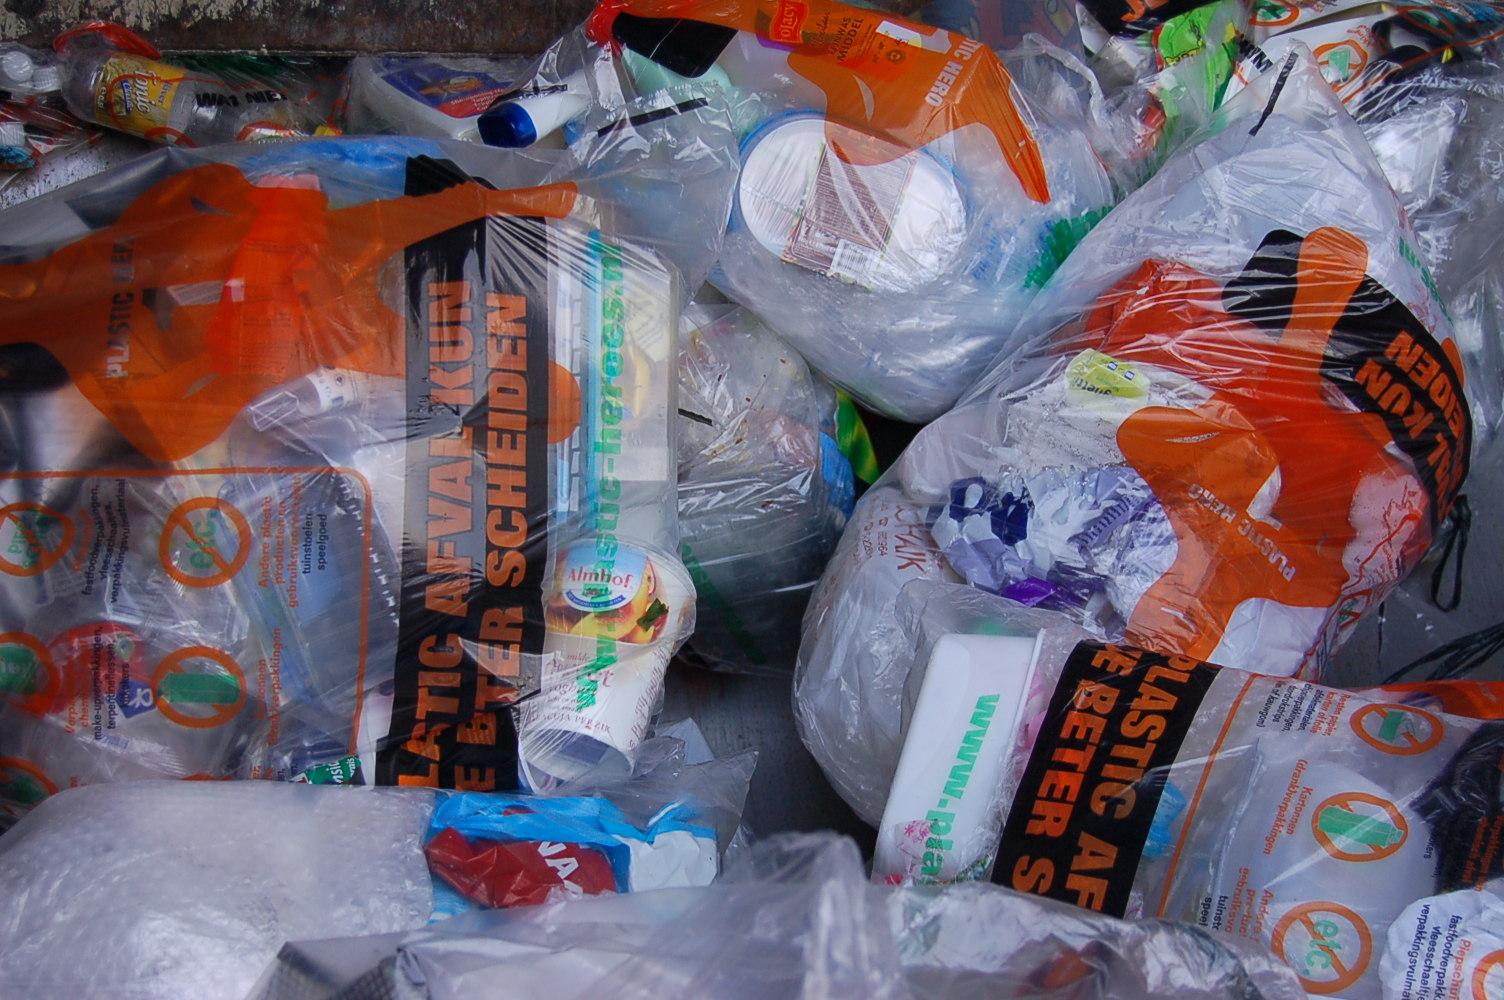 Stelling van de week: 'Ik ben positief over het nieuwe afvalstoffenbeleidsplan'